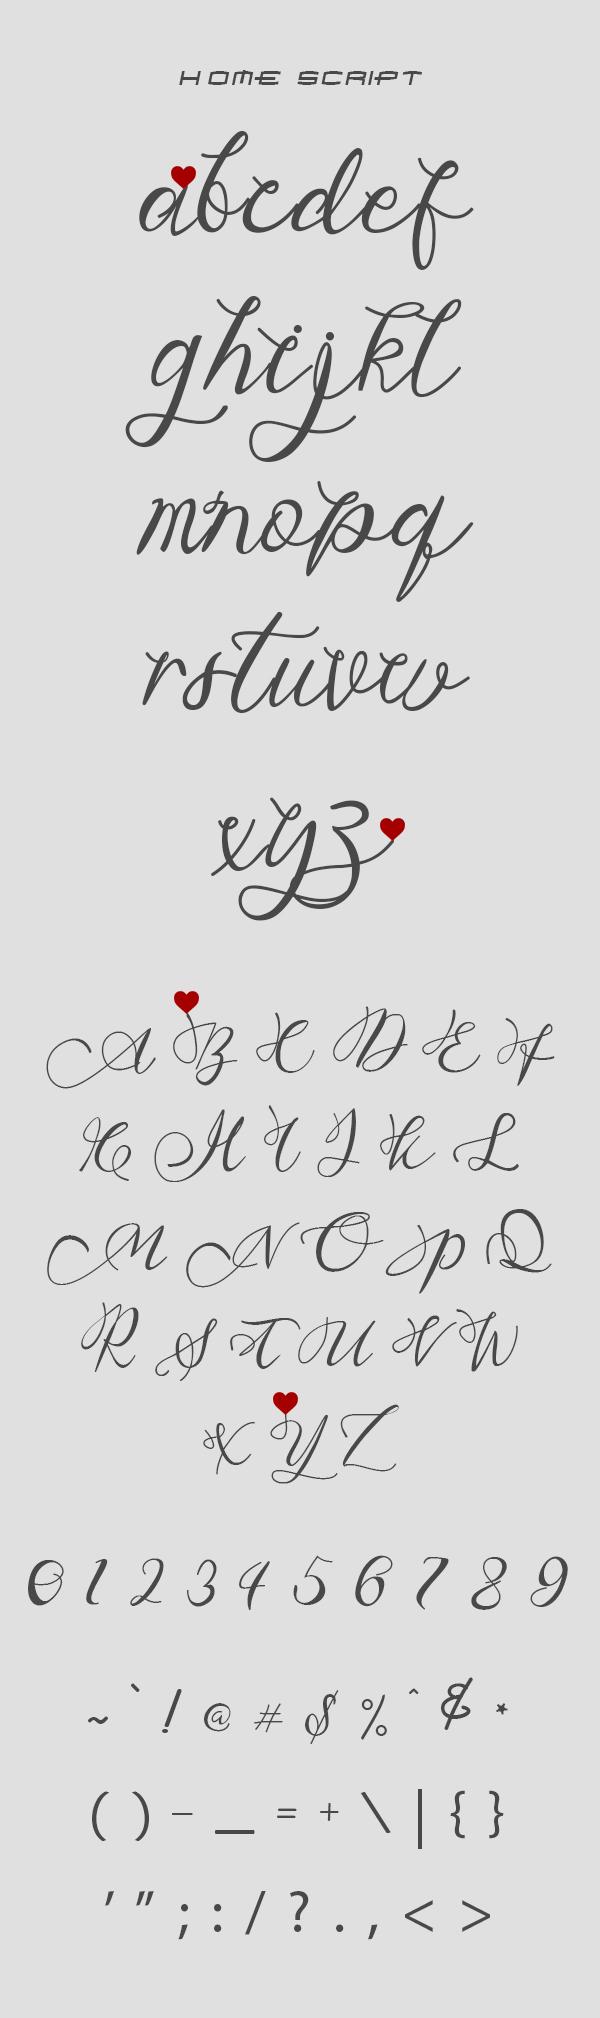 Home Script Free Font Letters